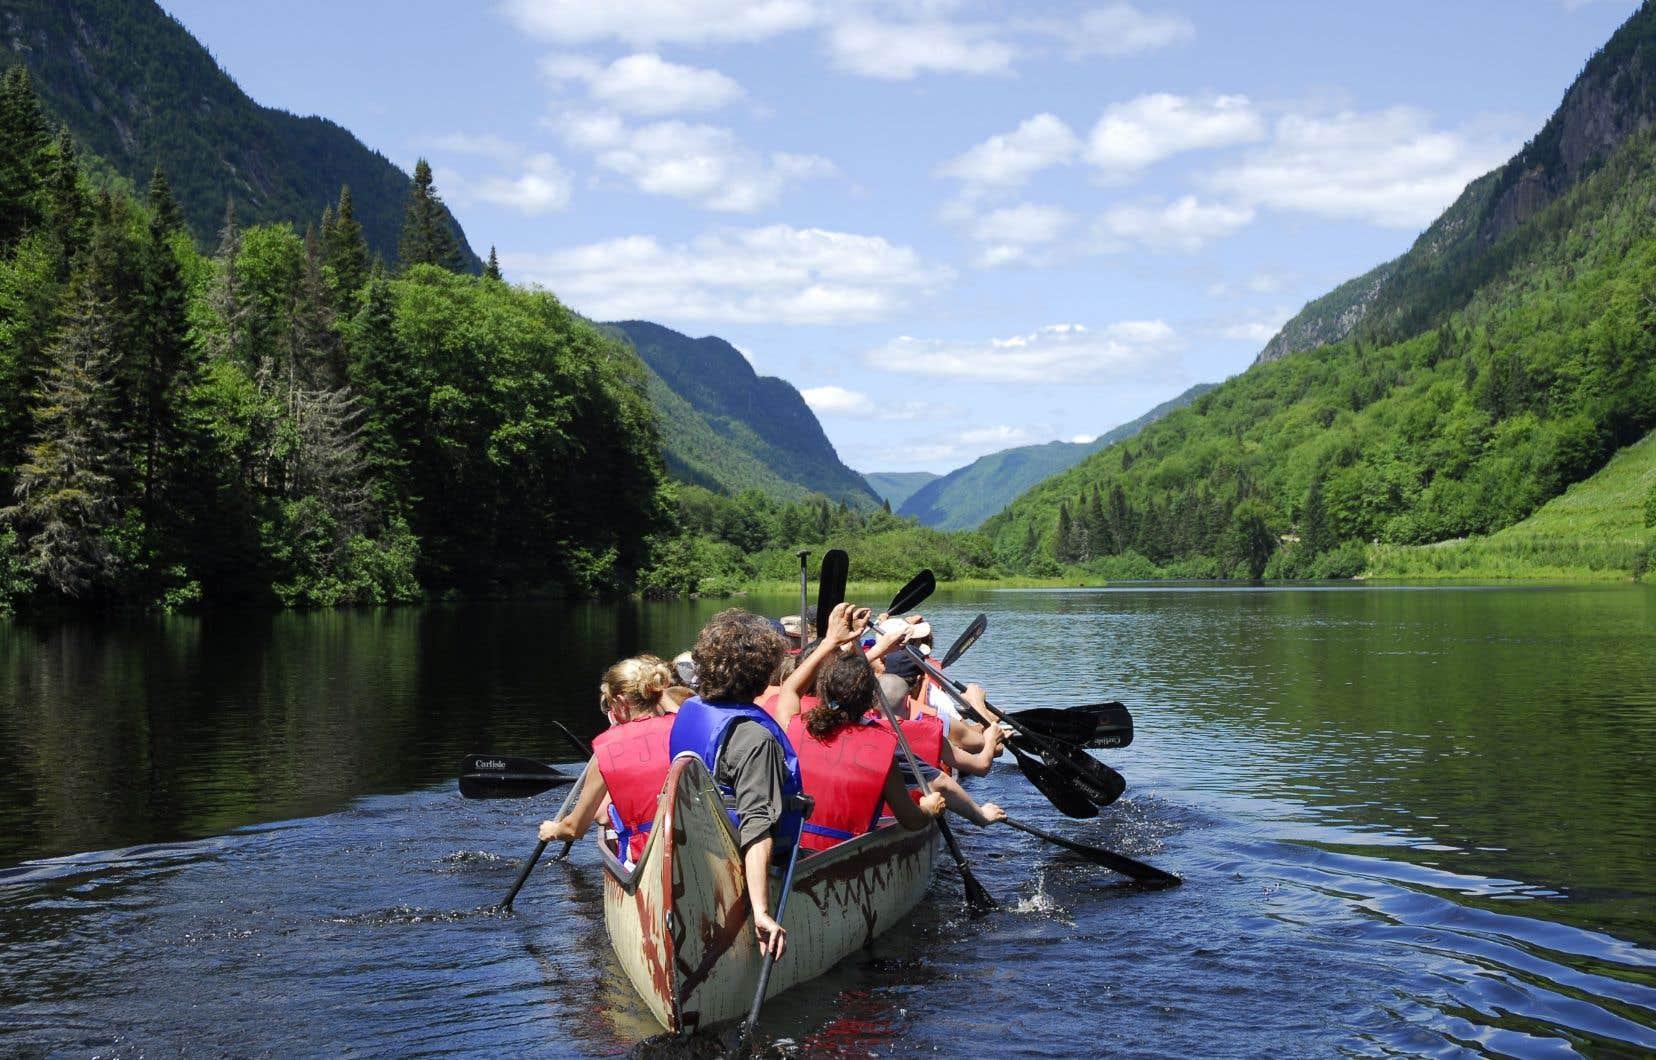 Il est possible de descendre la rivière Jacques-Cartier en canot, en kayak ou, comme sur la photo, à bord d'un rabaska.